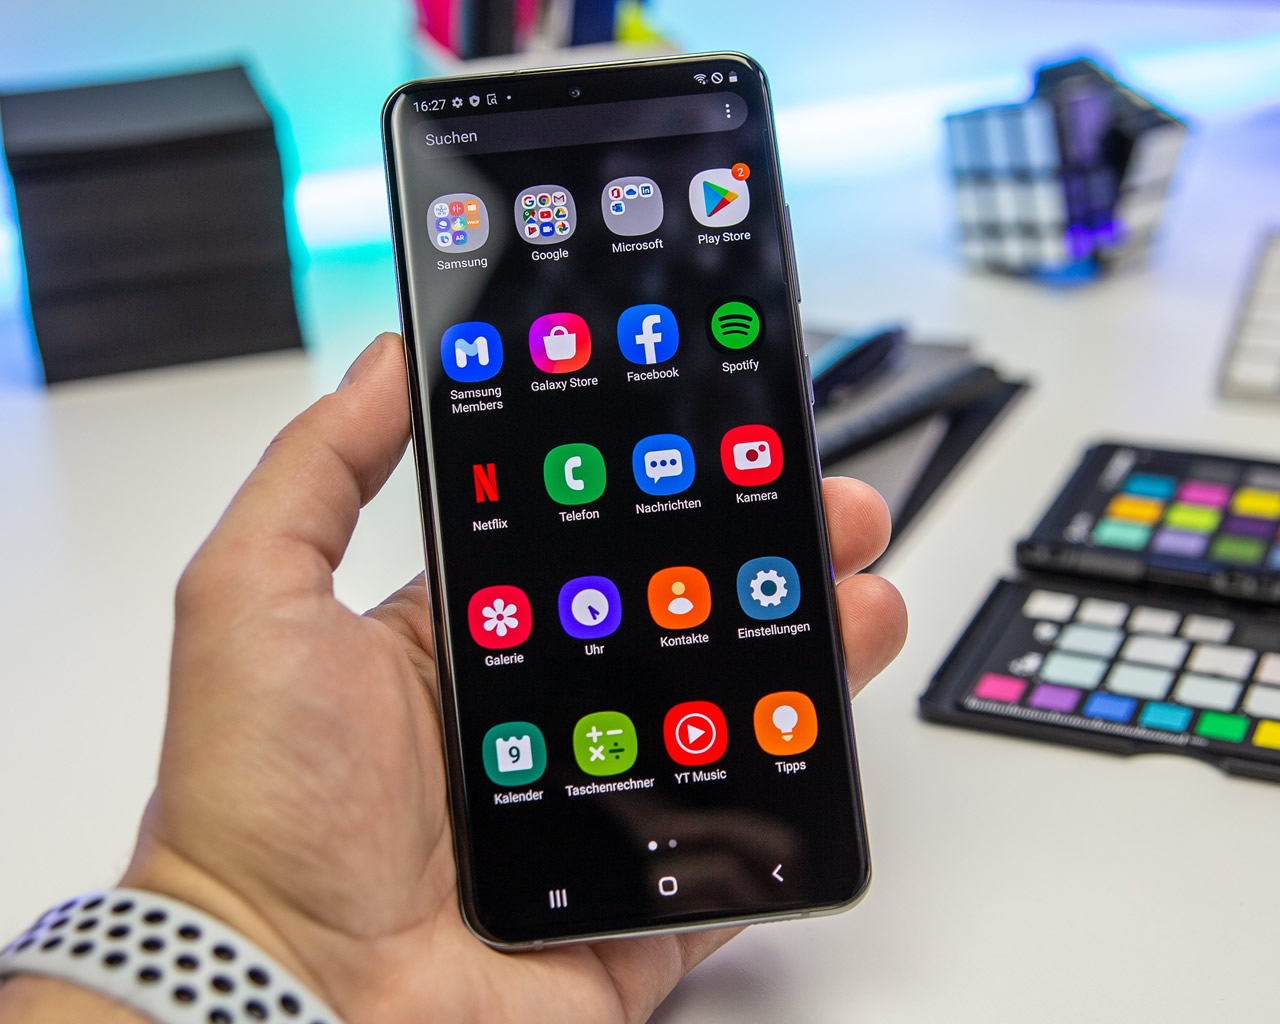 δημοφιλείς εφαρμογές Android